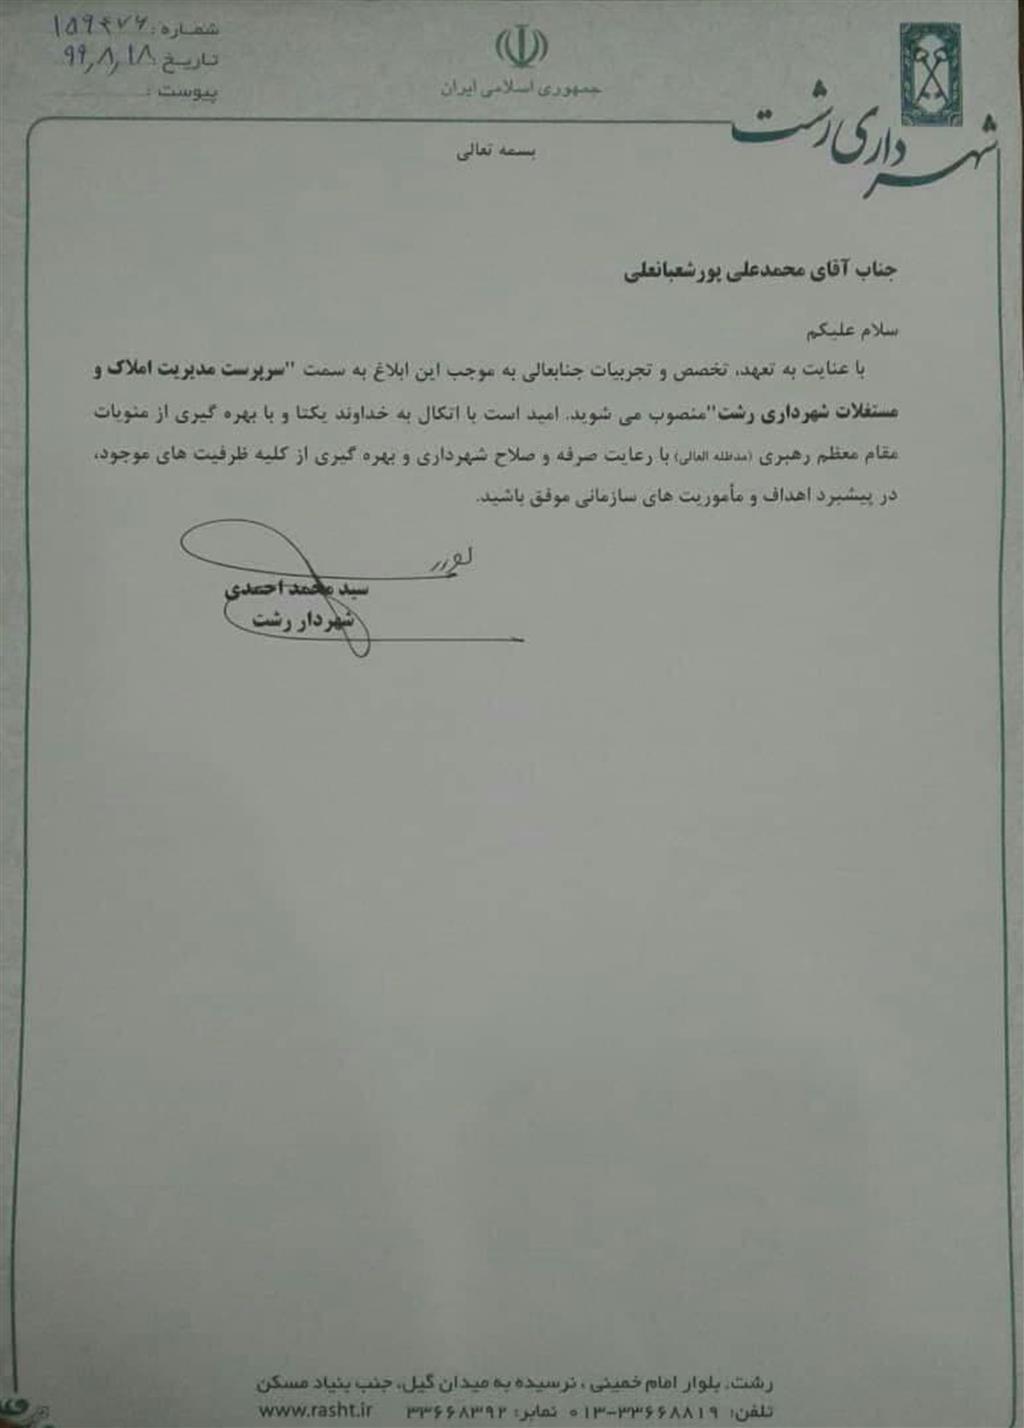 photo 2020 11 08 20 10 00 - انتصاب جدید در شهرداری رشت